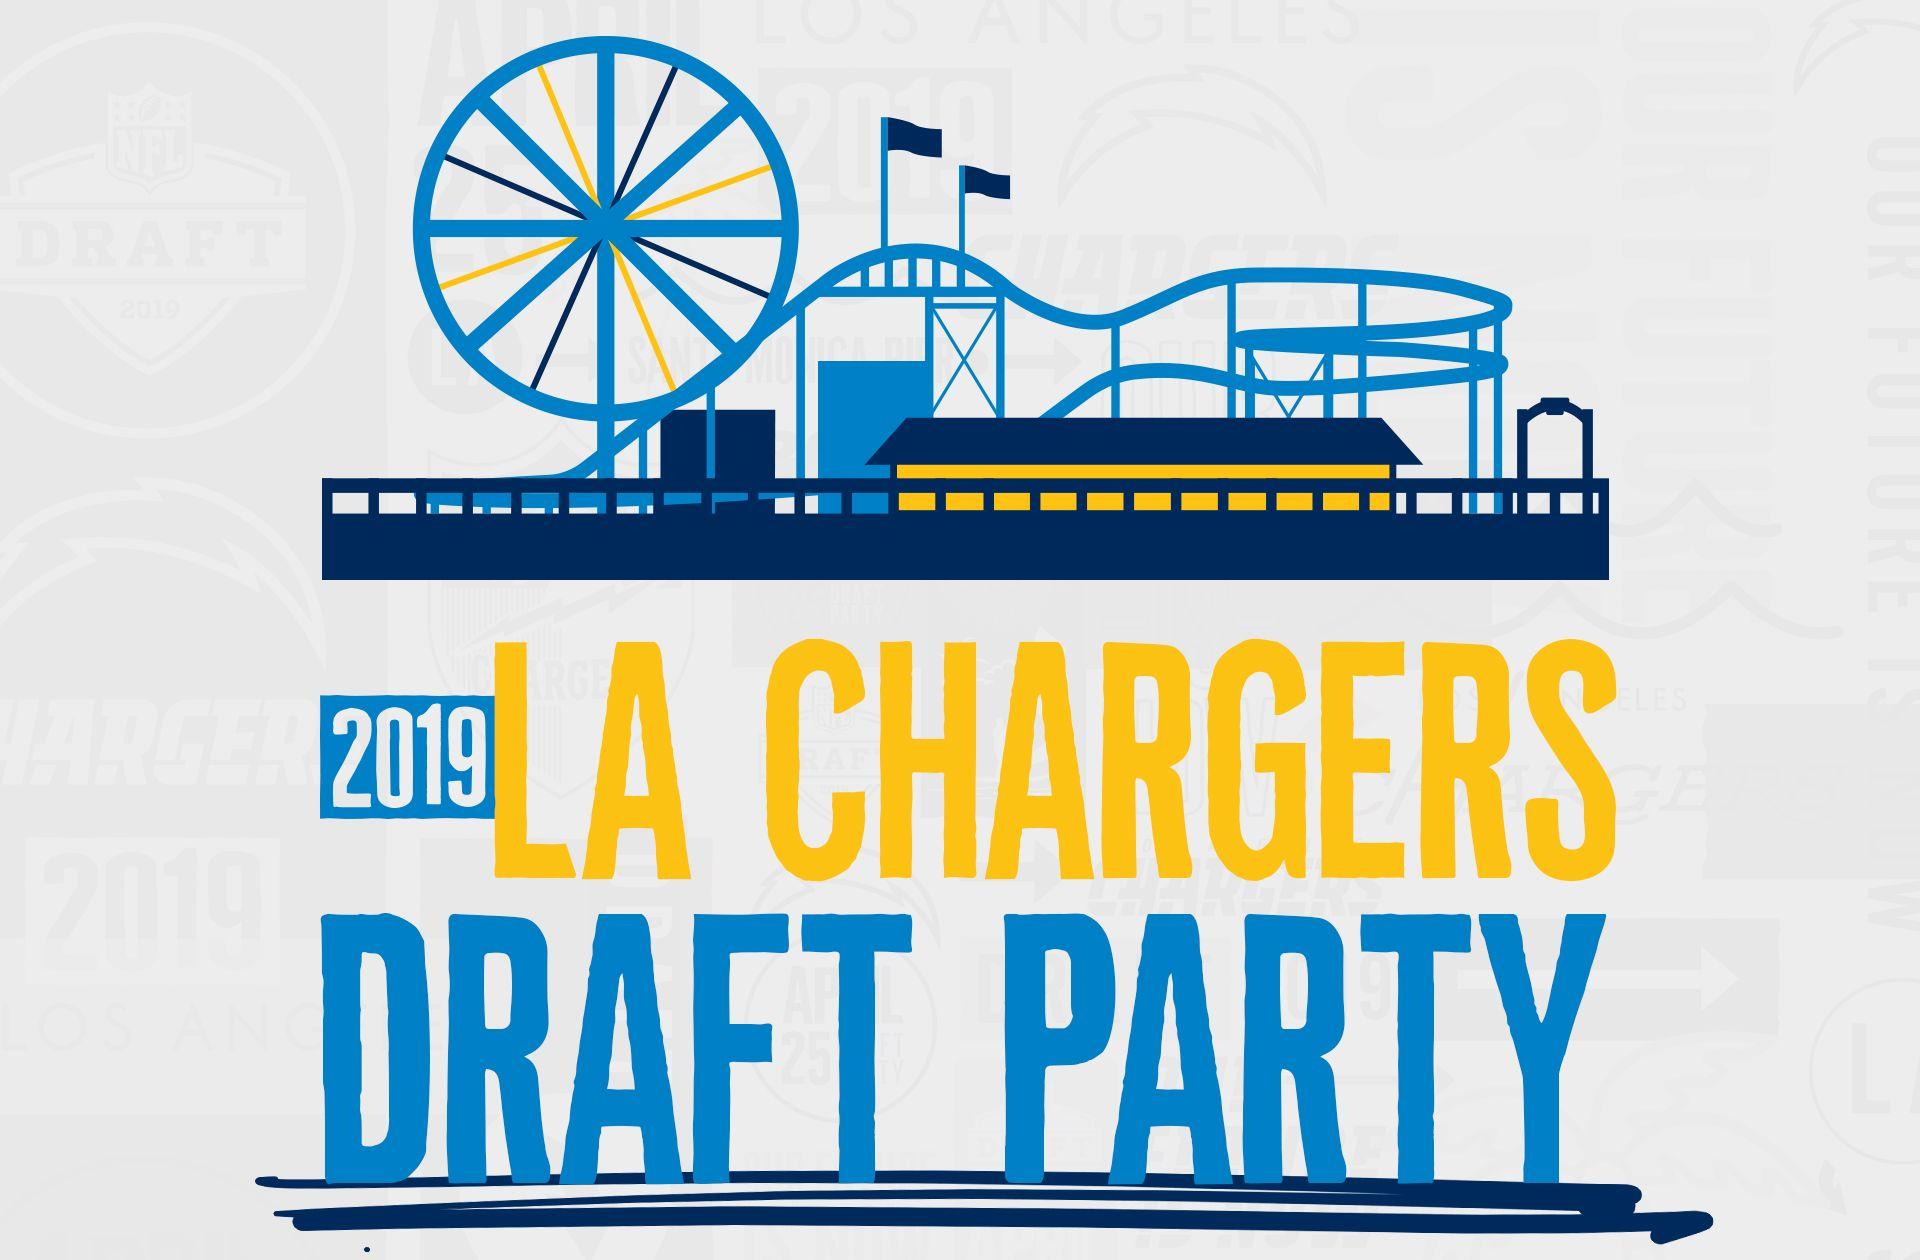 LAC_2019_DraftParty_LandingPage_V1_P1